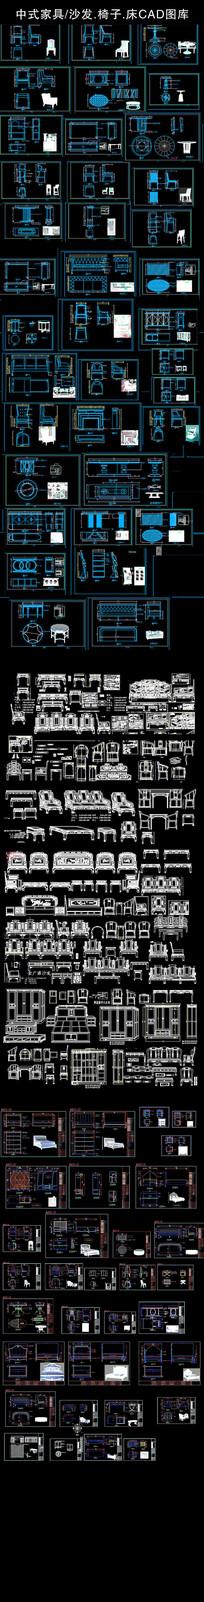 中式家具CAD图集